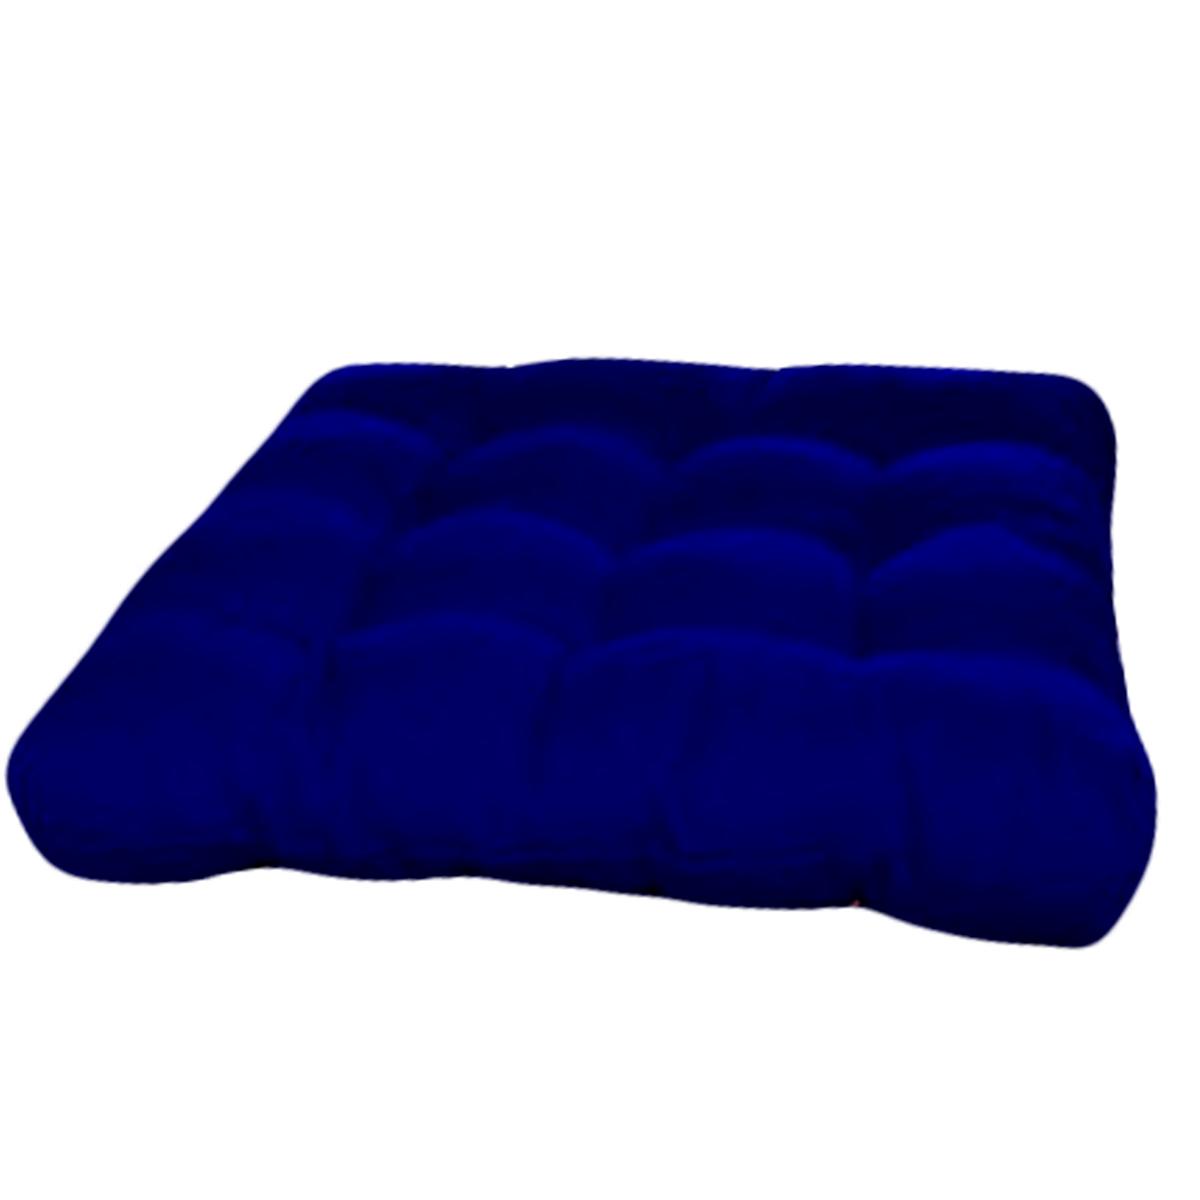 Assento Para Cadeira Futon 40x40 Cm - Azul Royal